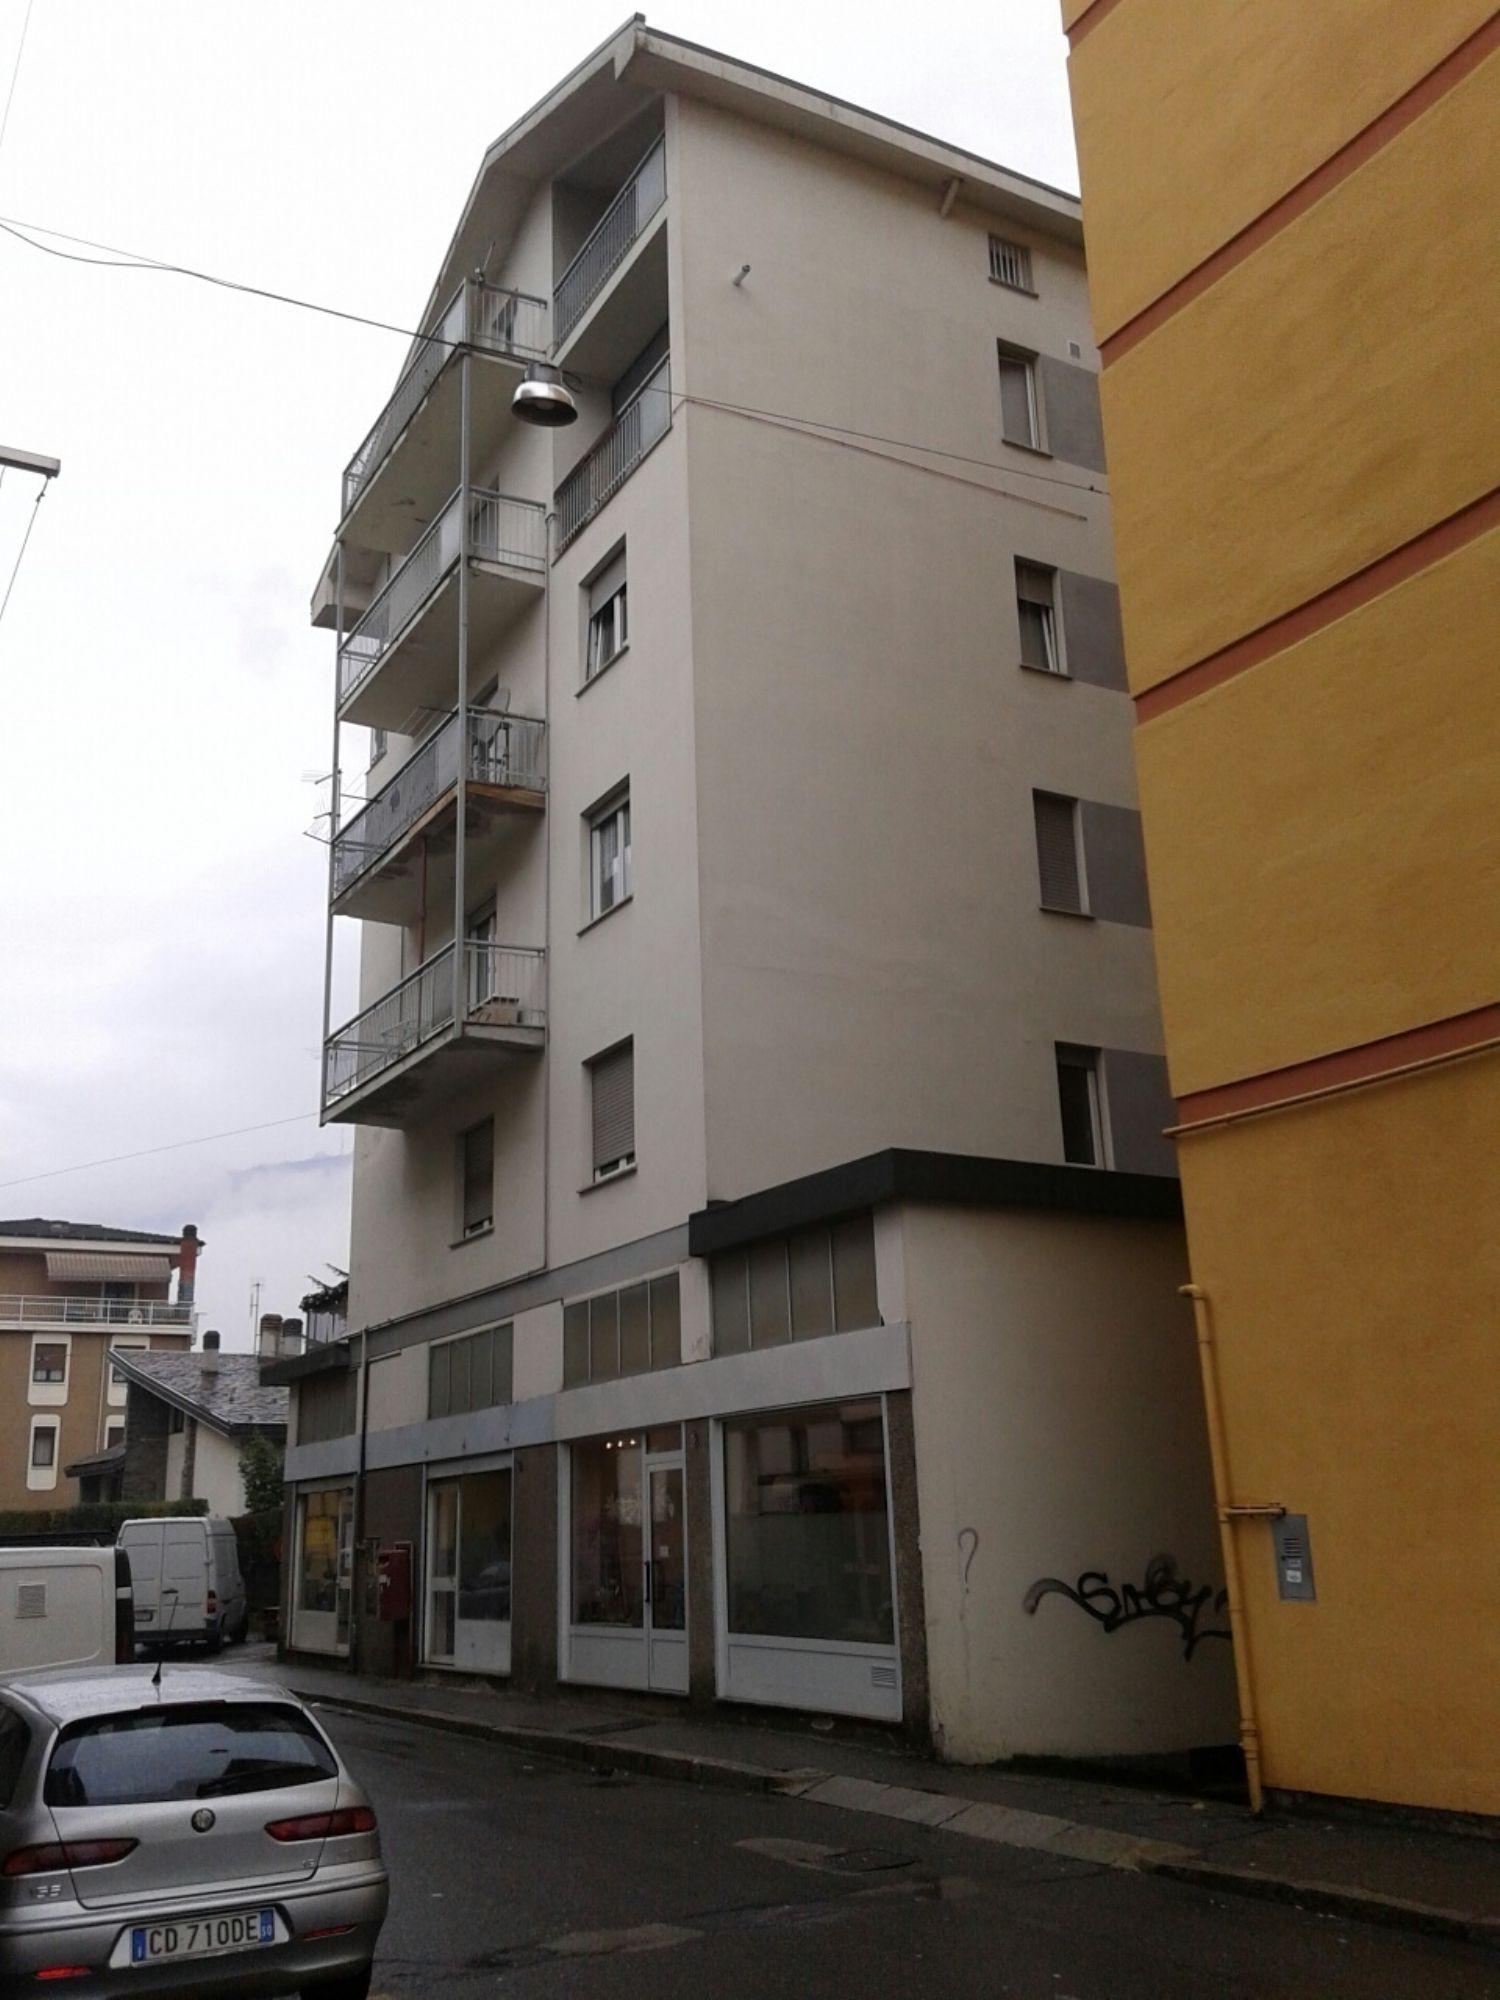 Immobile Commerciale in vendita a Sondrio, 9999 locali, prezzo € 69.000 | Cambio Casa.it